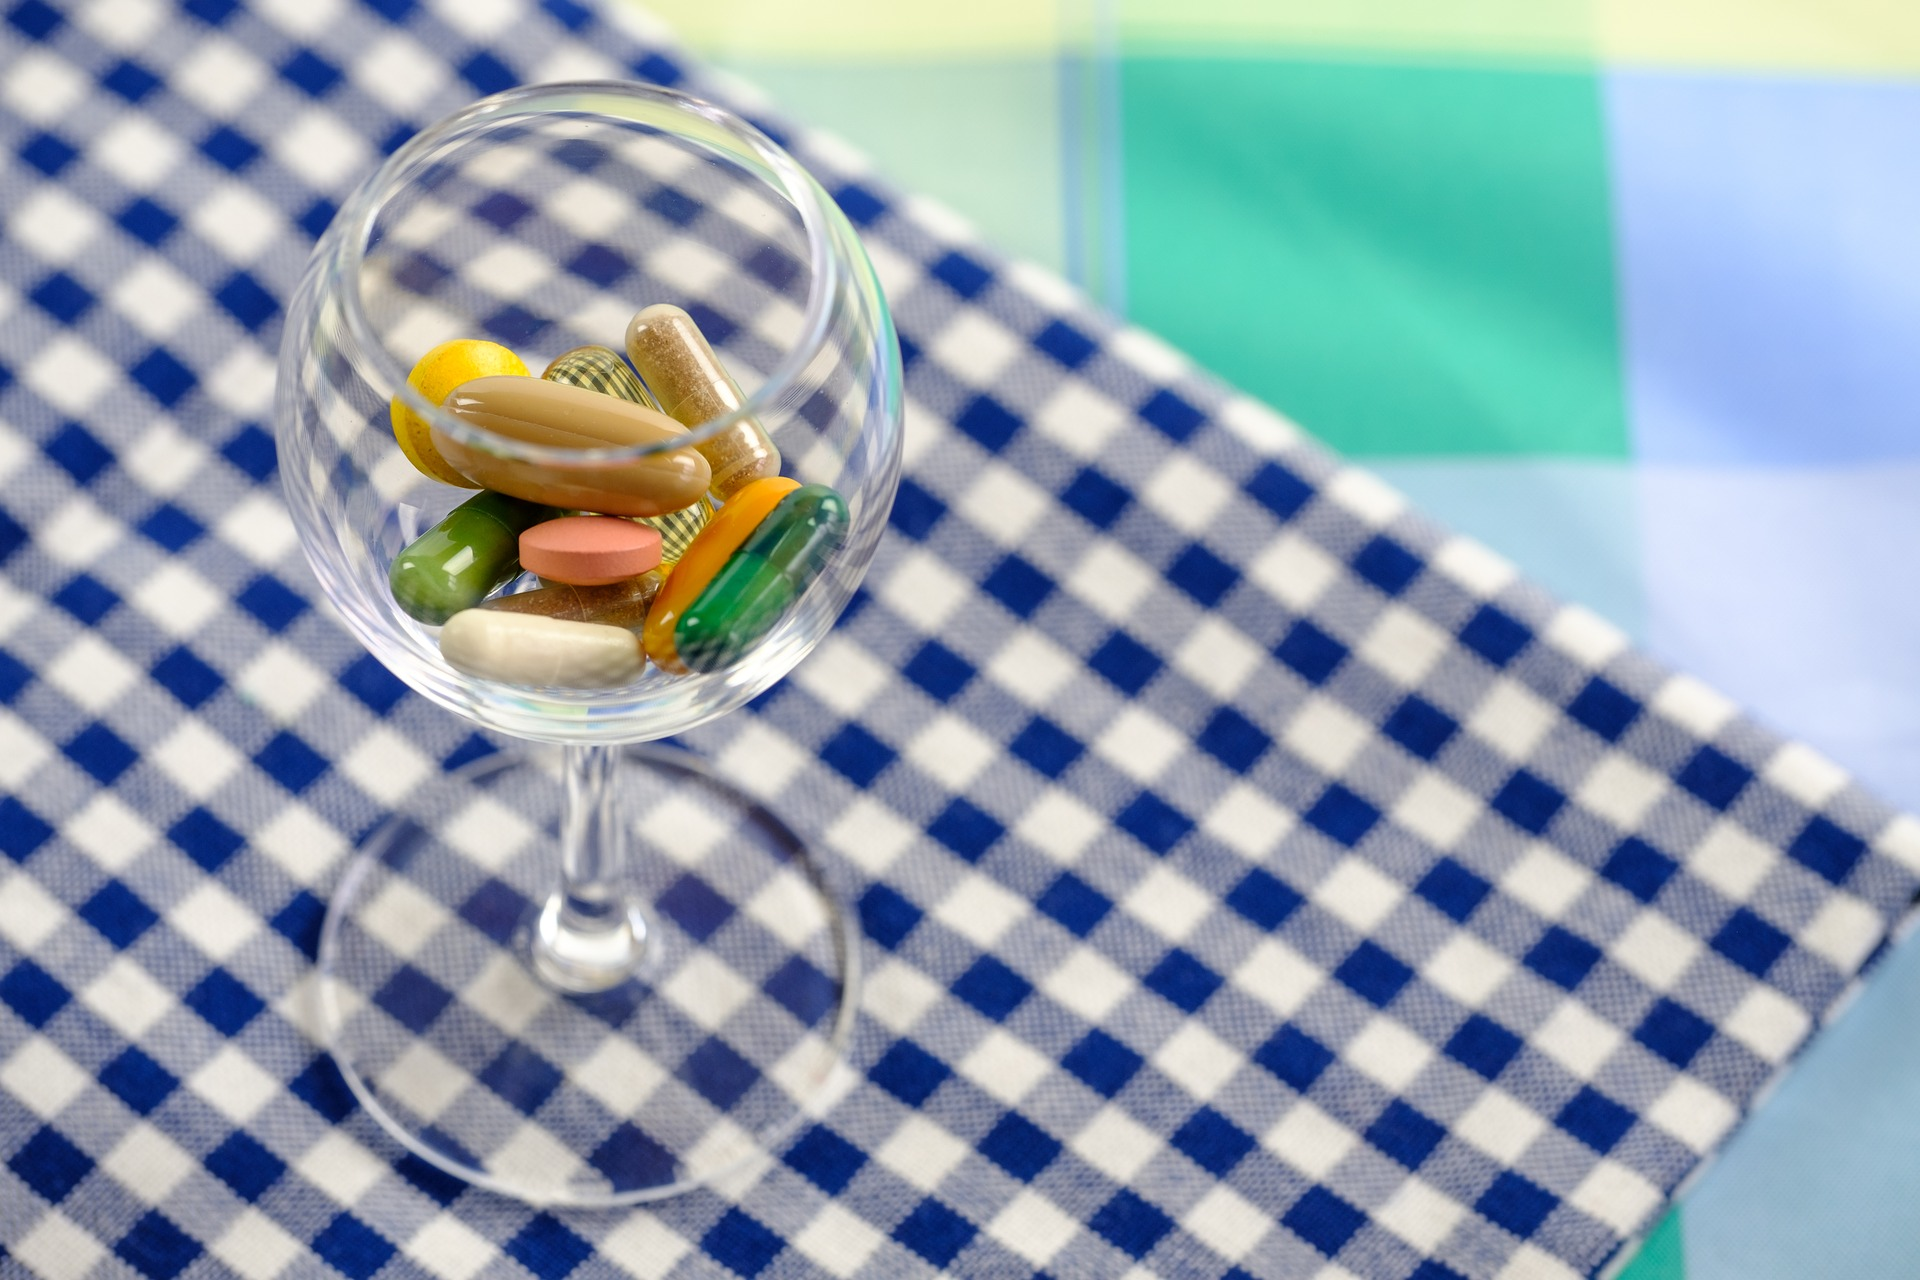 Taça com comprimidos dentro, sobre mesa com toalha de xadrez azul e branco.